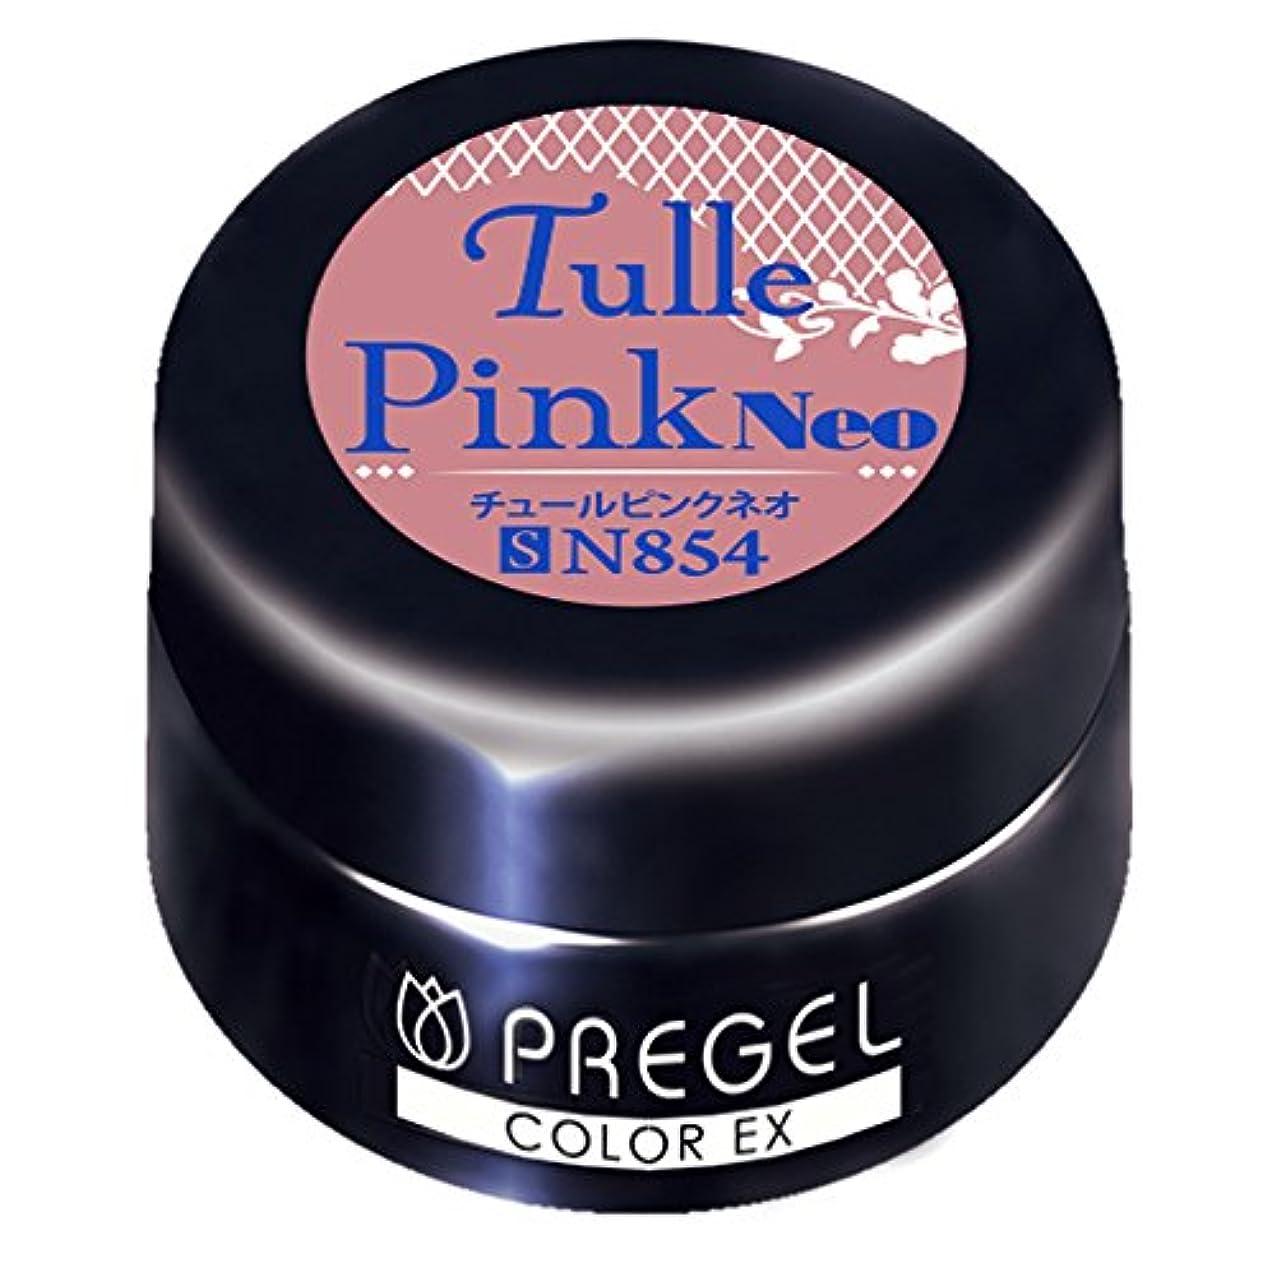 逃れる宣言逆さまにPRE GEL カラーEX チュールピンクneo854 3g UV/LED対応